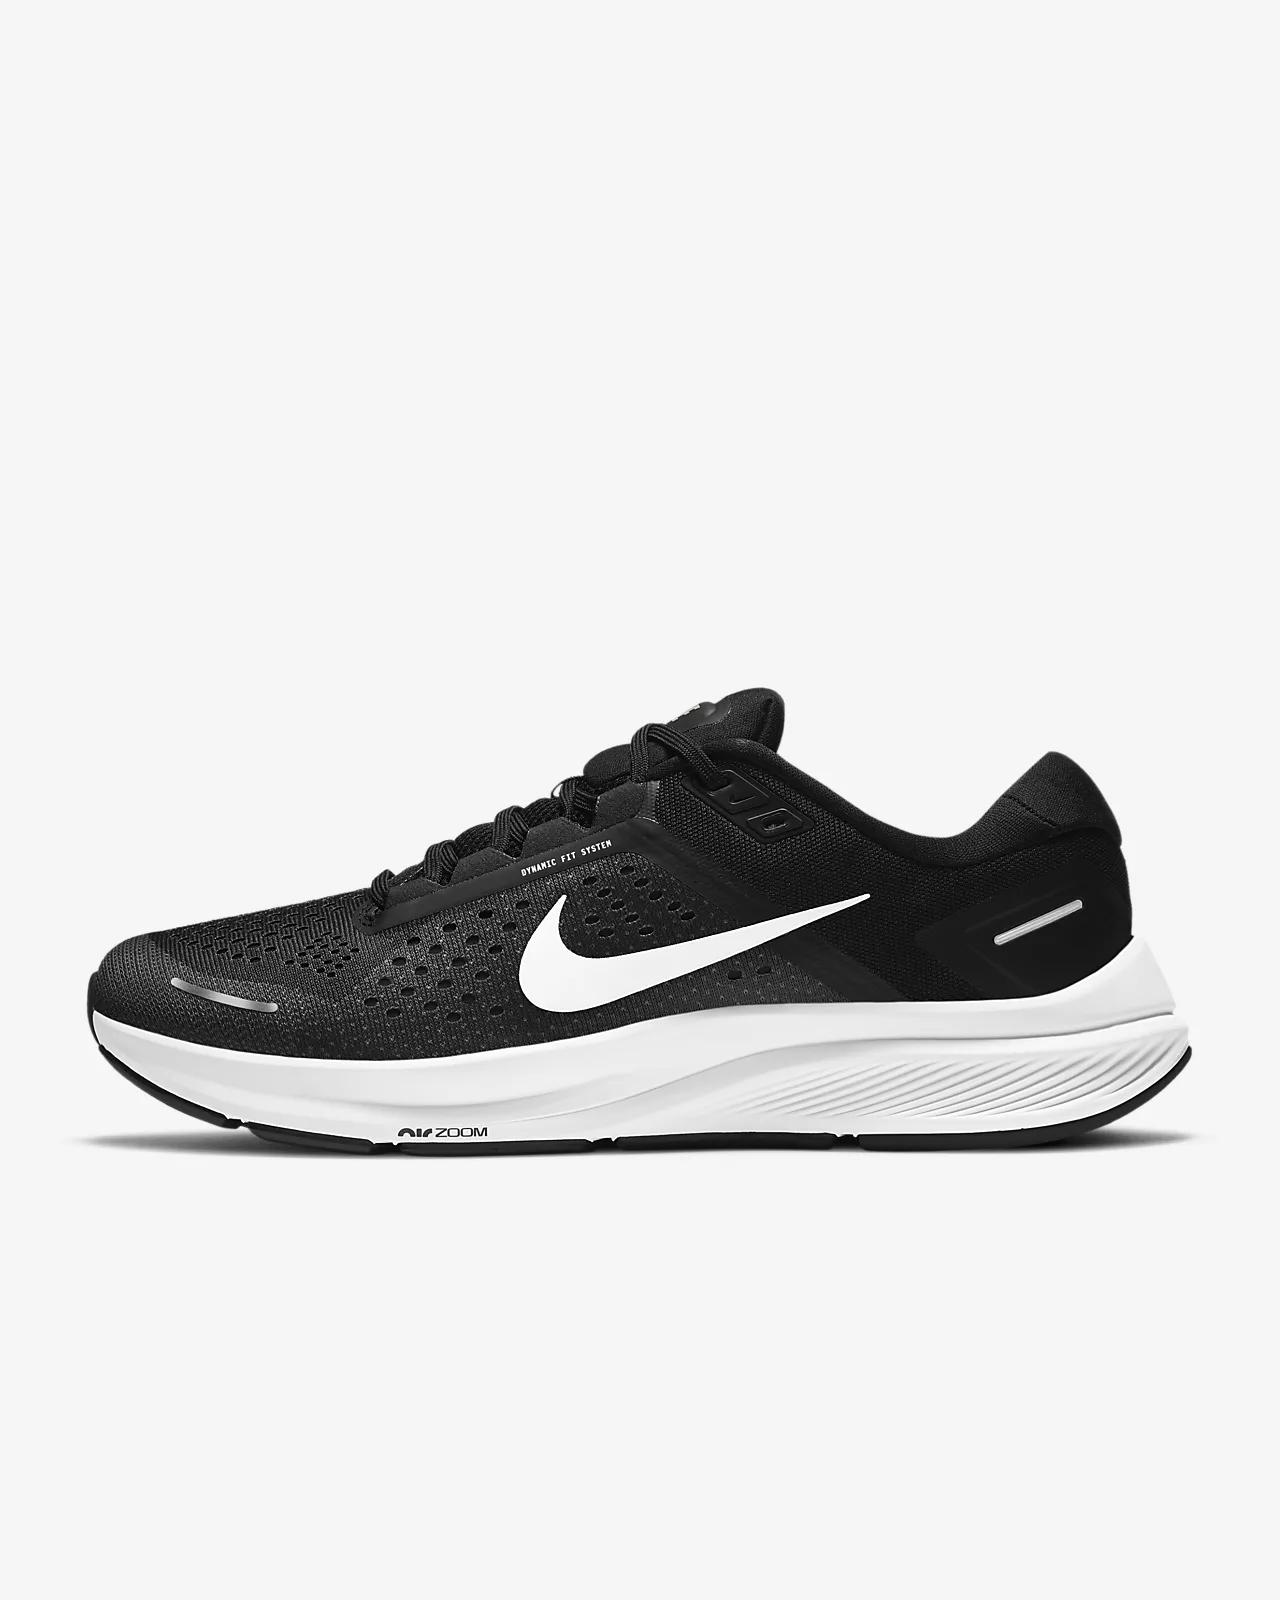 Nike Zoom mang tới trải nghiệm êm ái cho từng hành trình